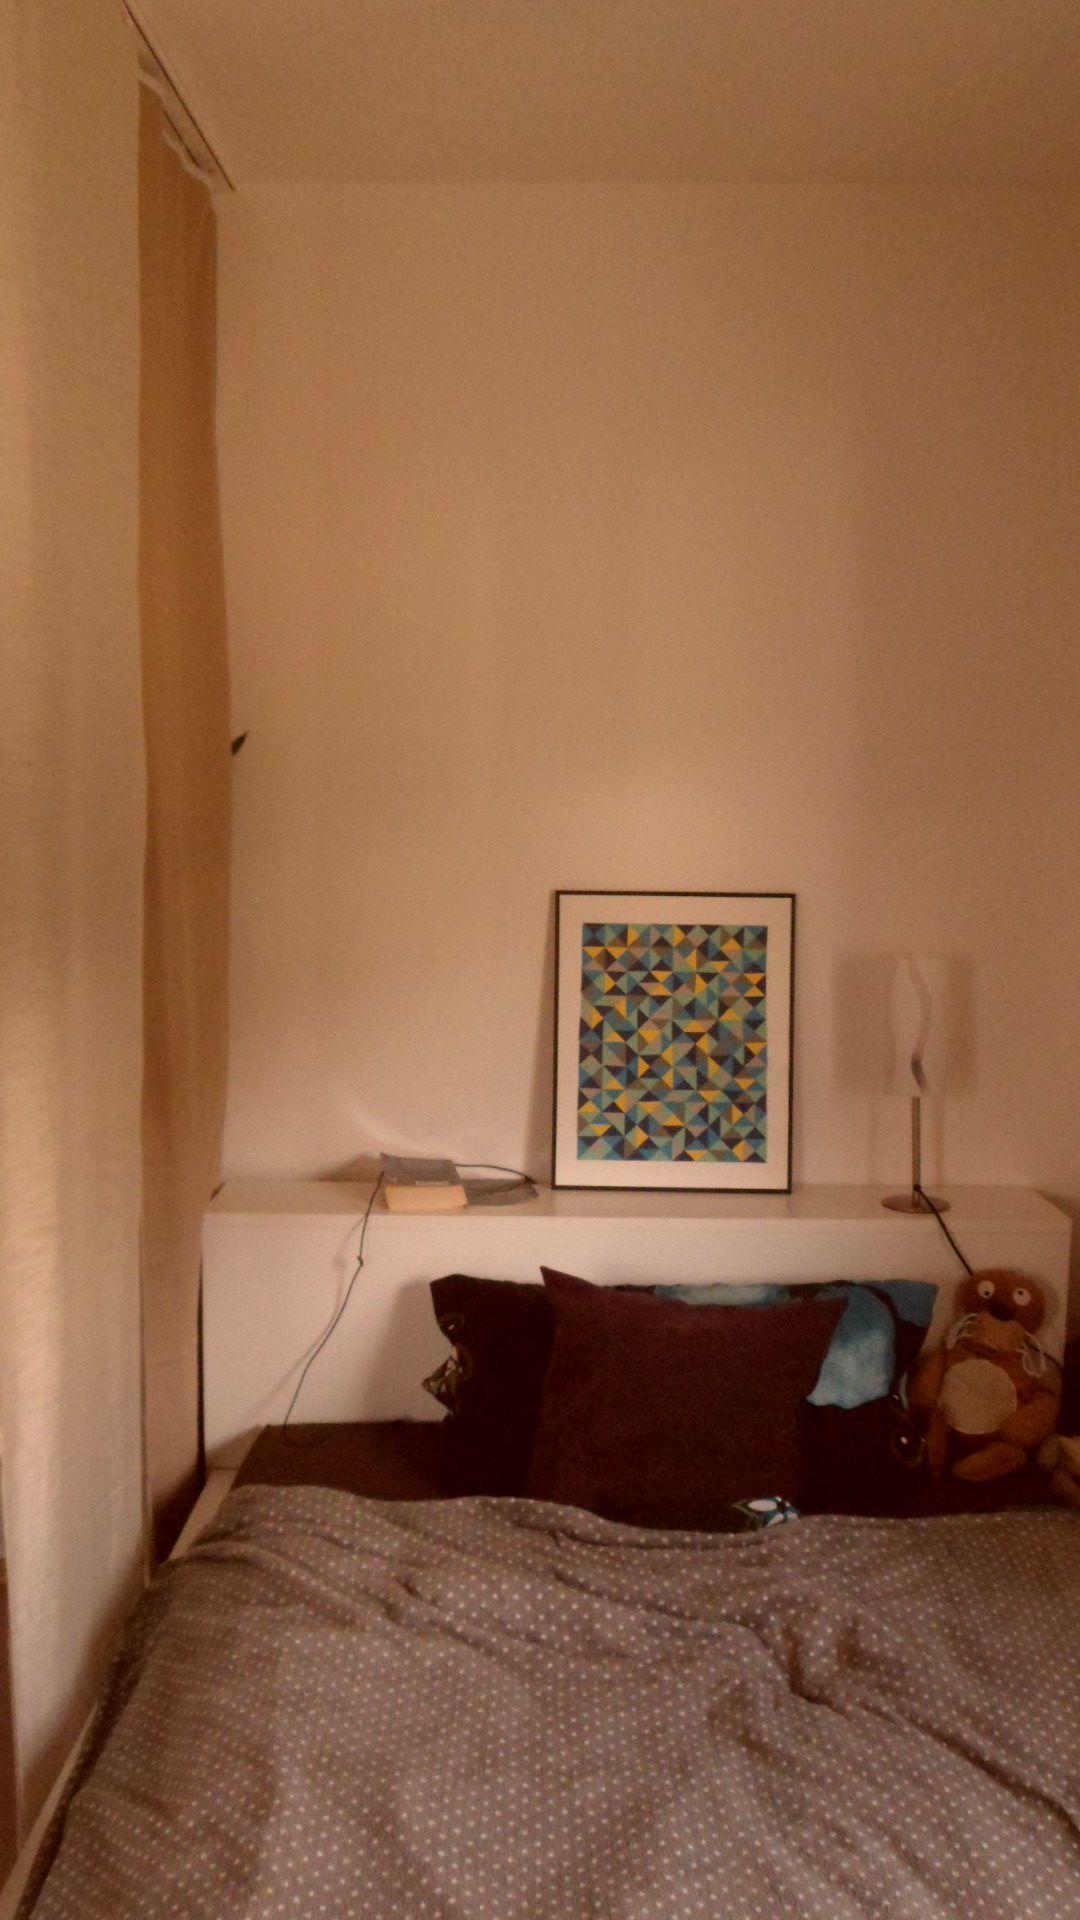 kombinierter wohn schlafraum: Ideen & Bilder